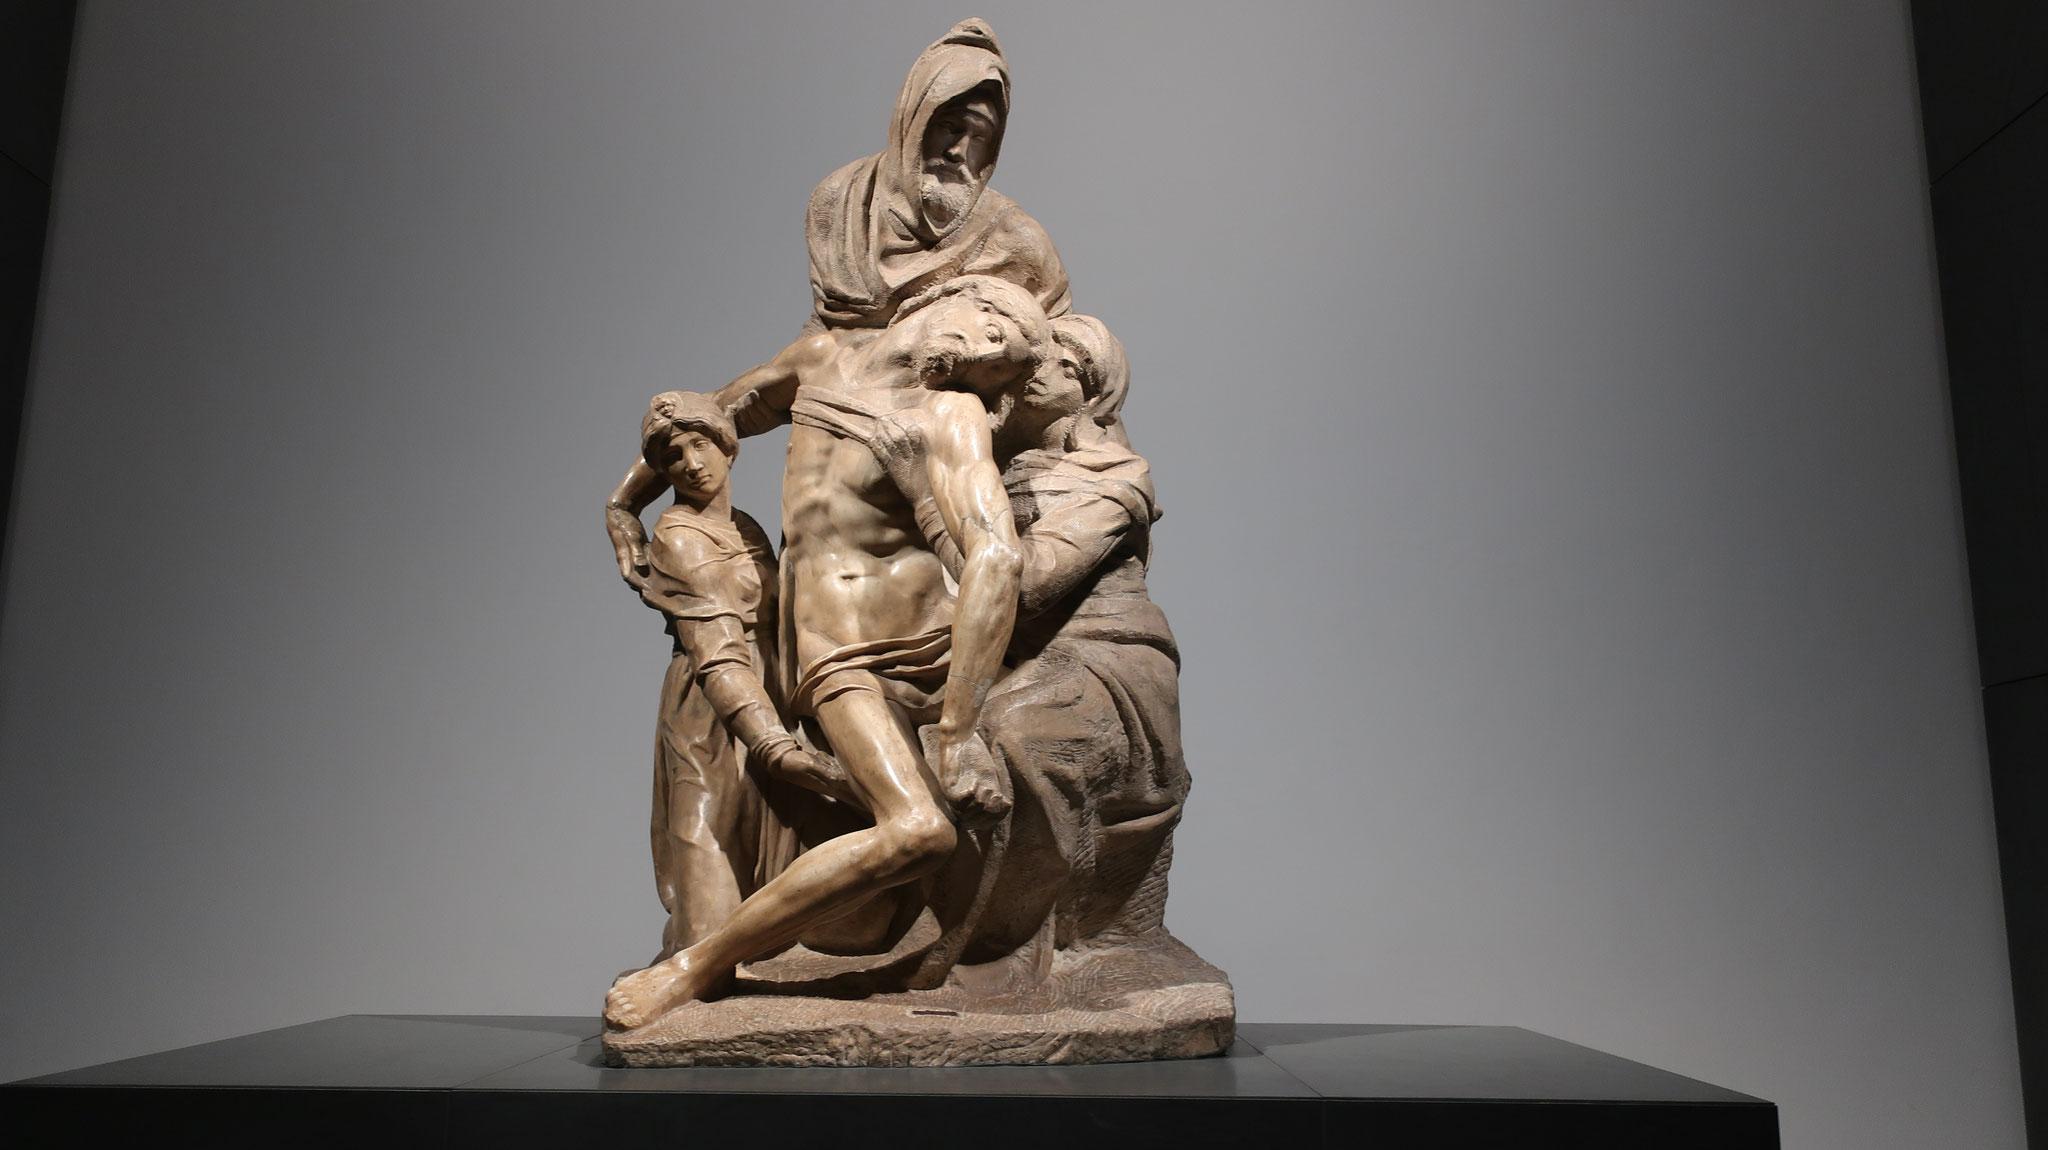 未完の「ピエタ」、16世紀。80歳のミケランジェロは自分の墓碑にするため制作し始めましたが、途中で止めてしまいました。